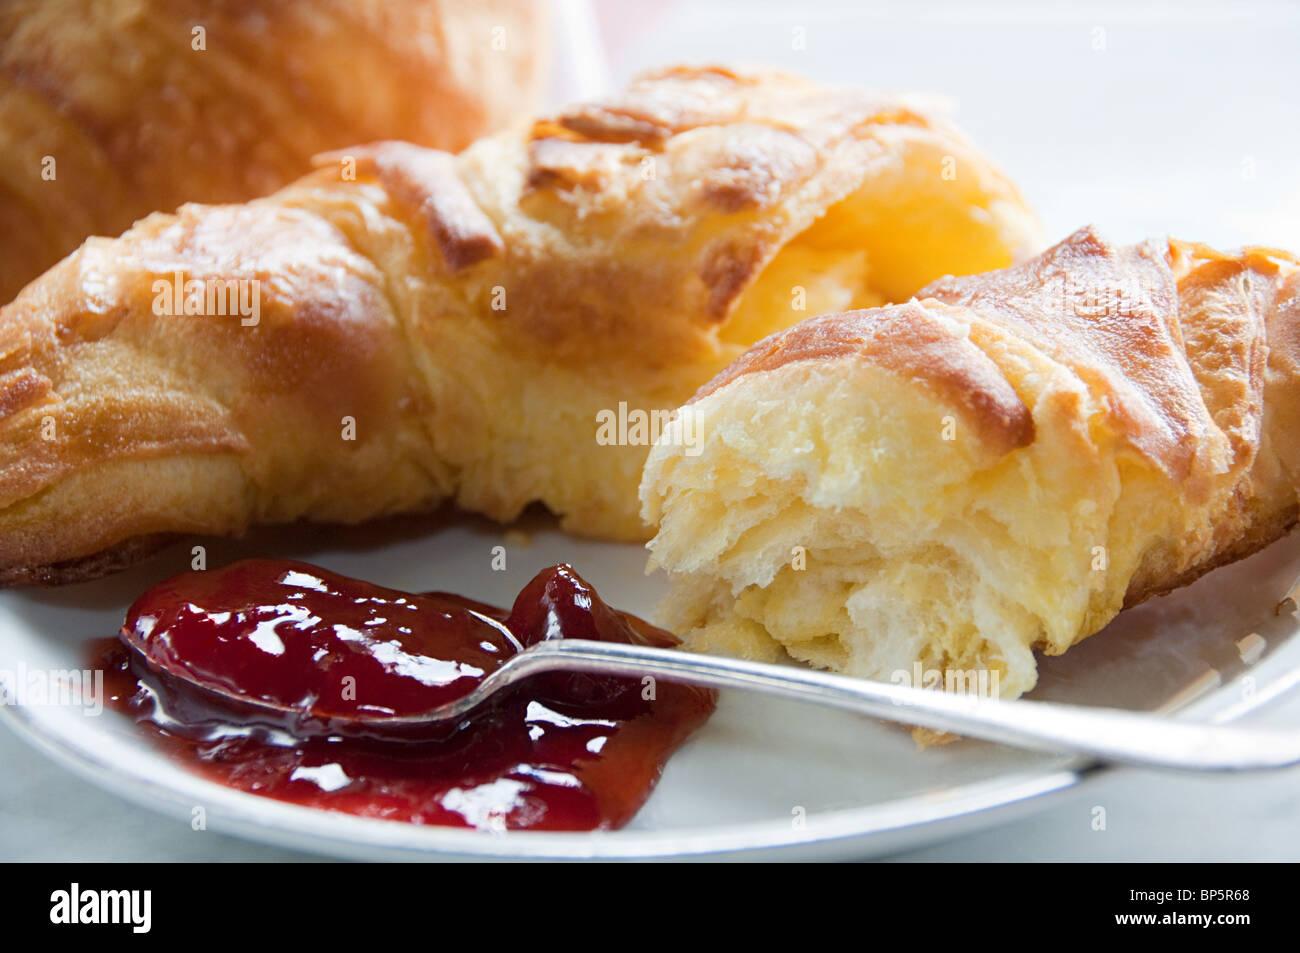 Croissant et confiture Photo Stock